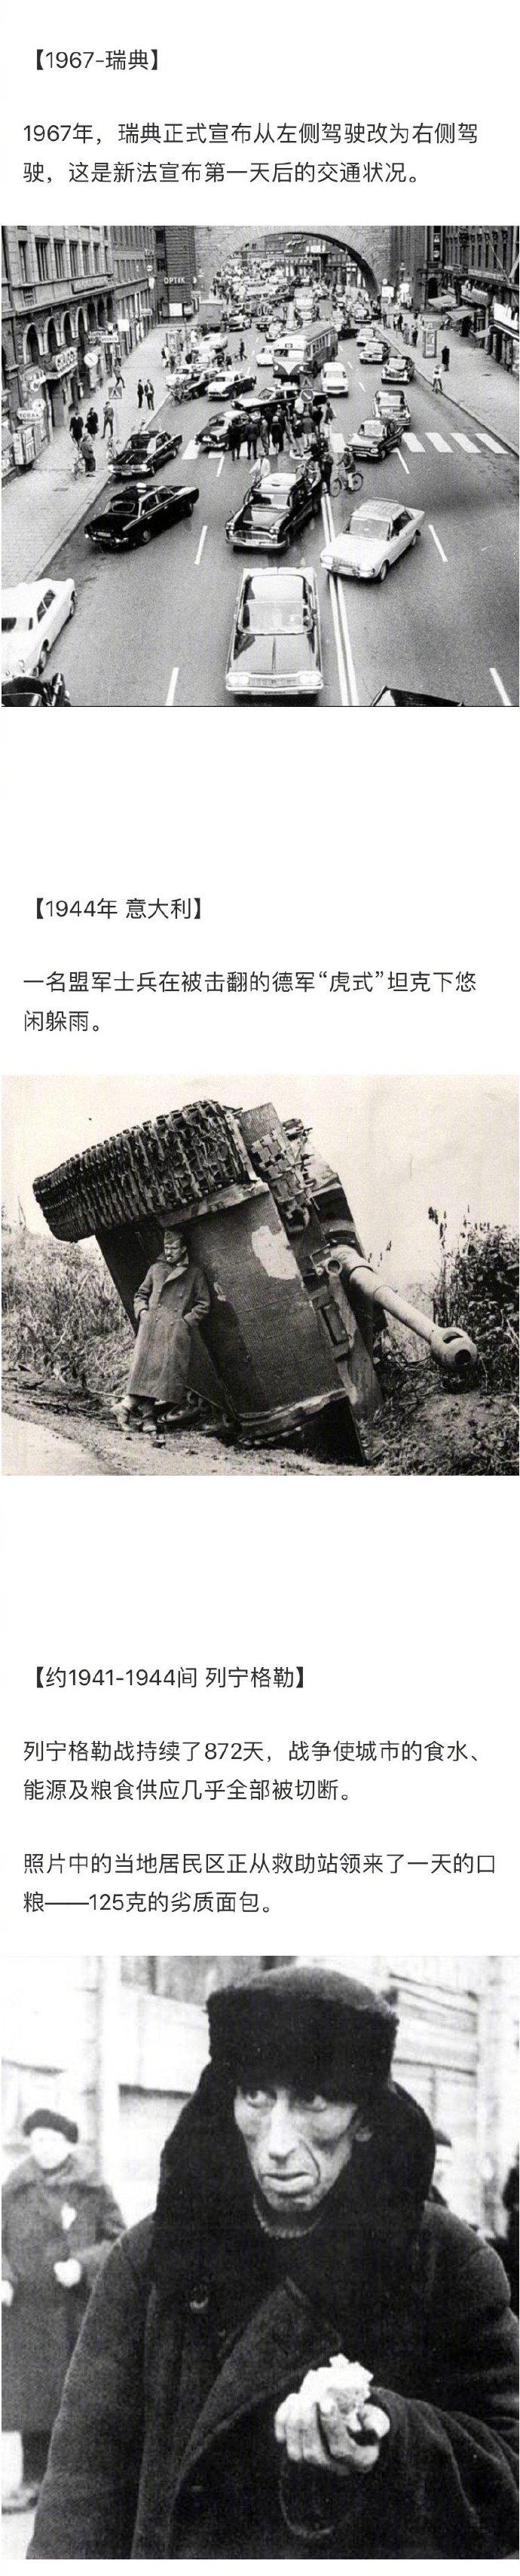 青年福利微刊 190319:不想被摧毁的人,早早学会了建造废墟。 